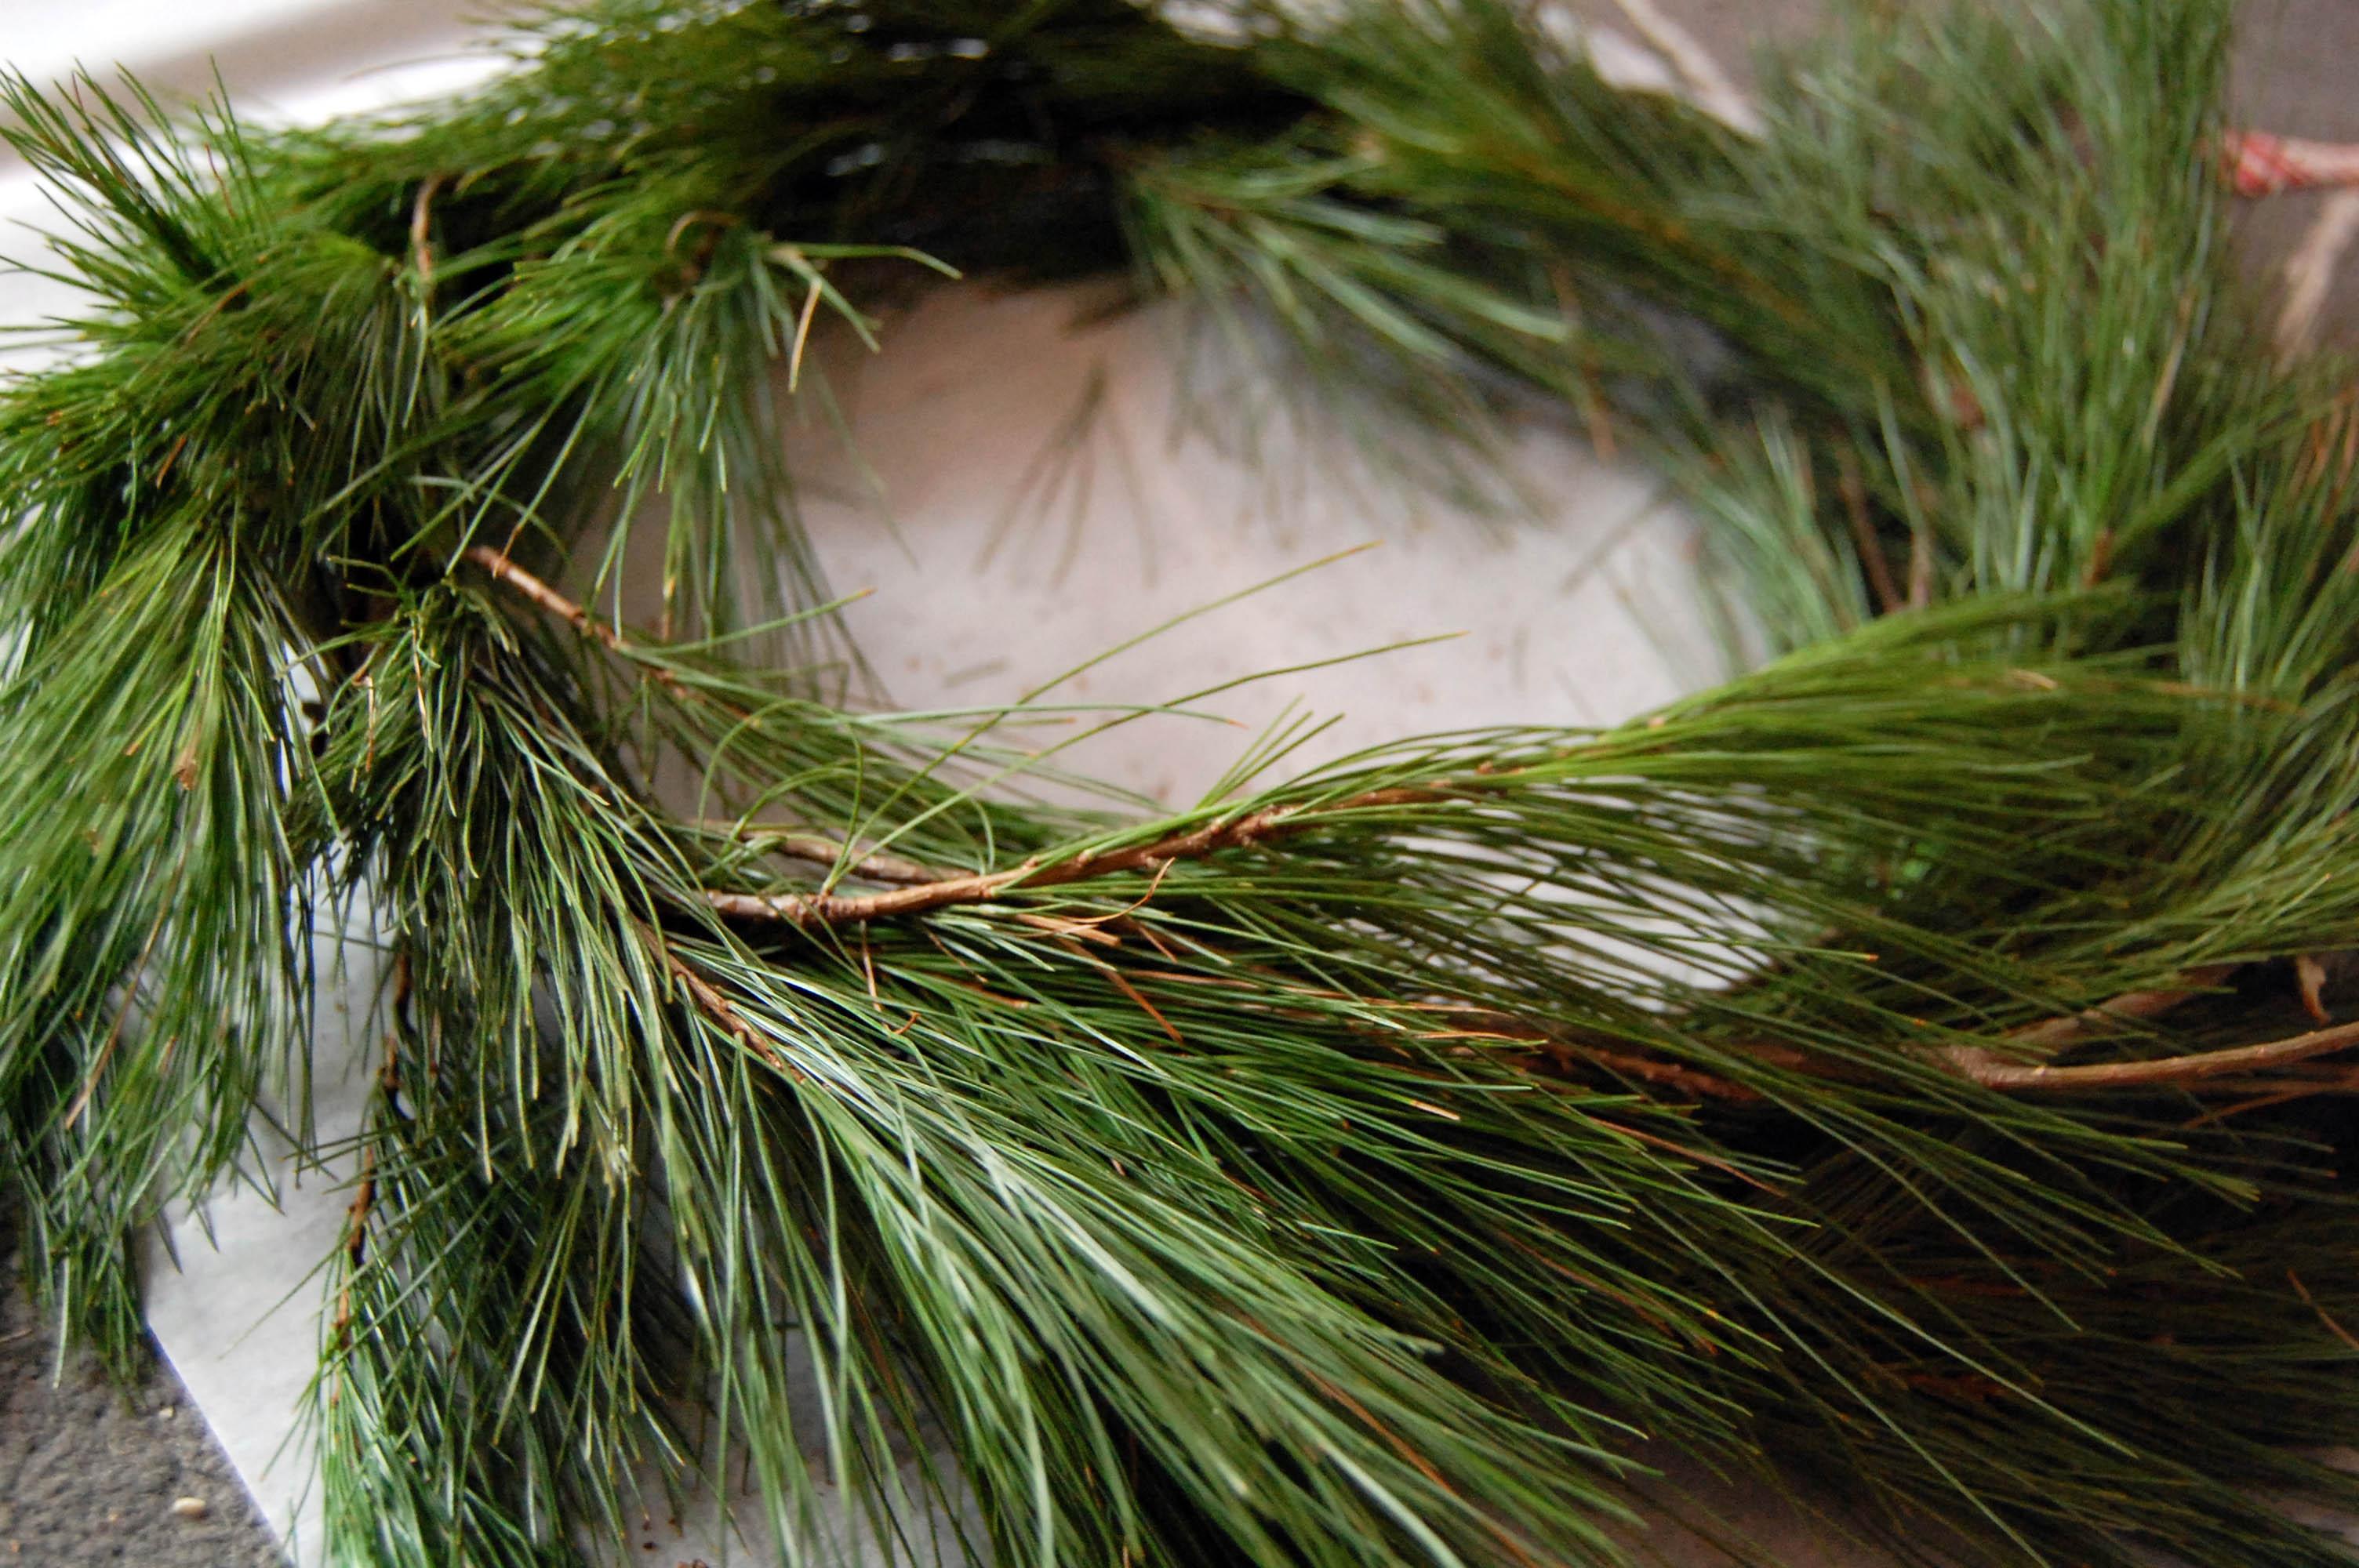 Diy Pine Wreath Tutorial The Happy Homemaker